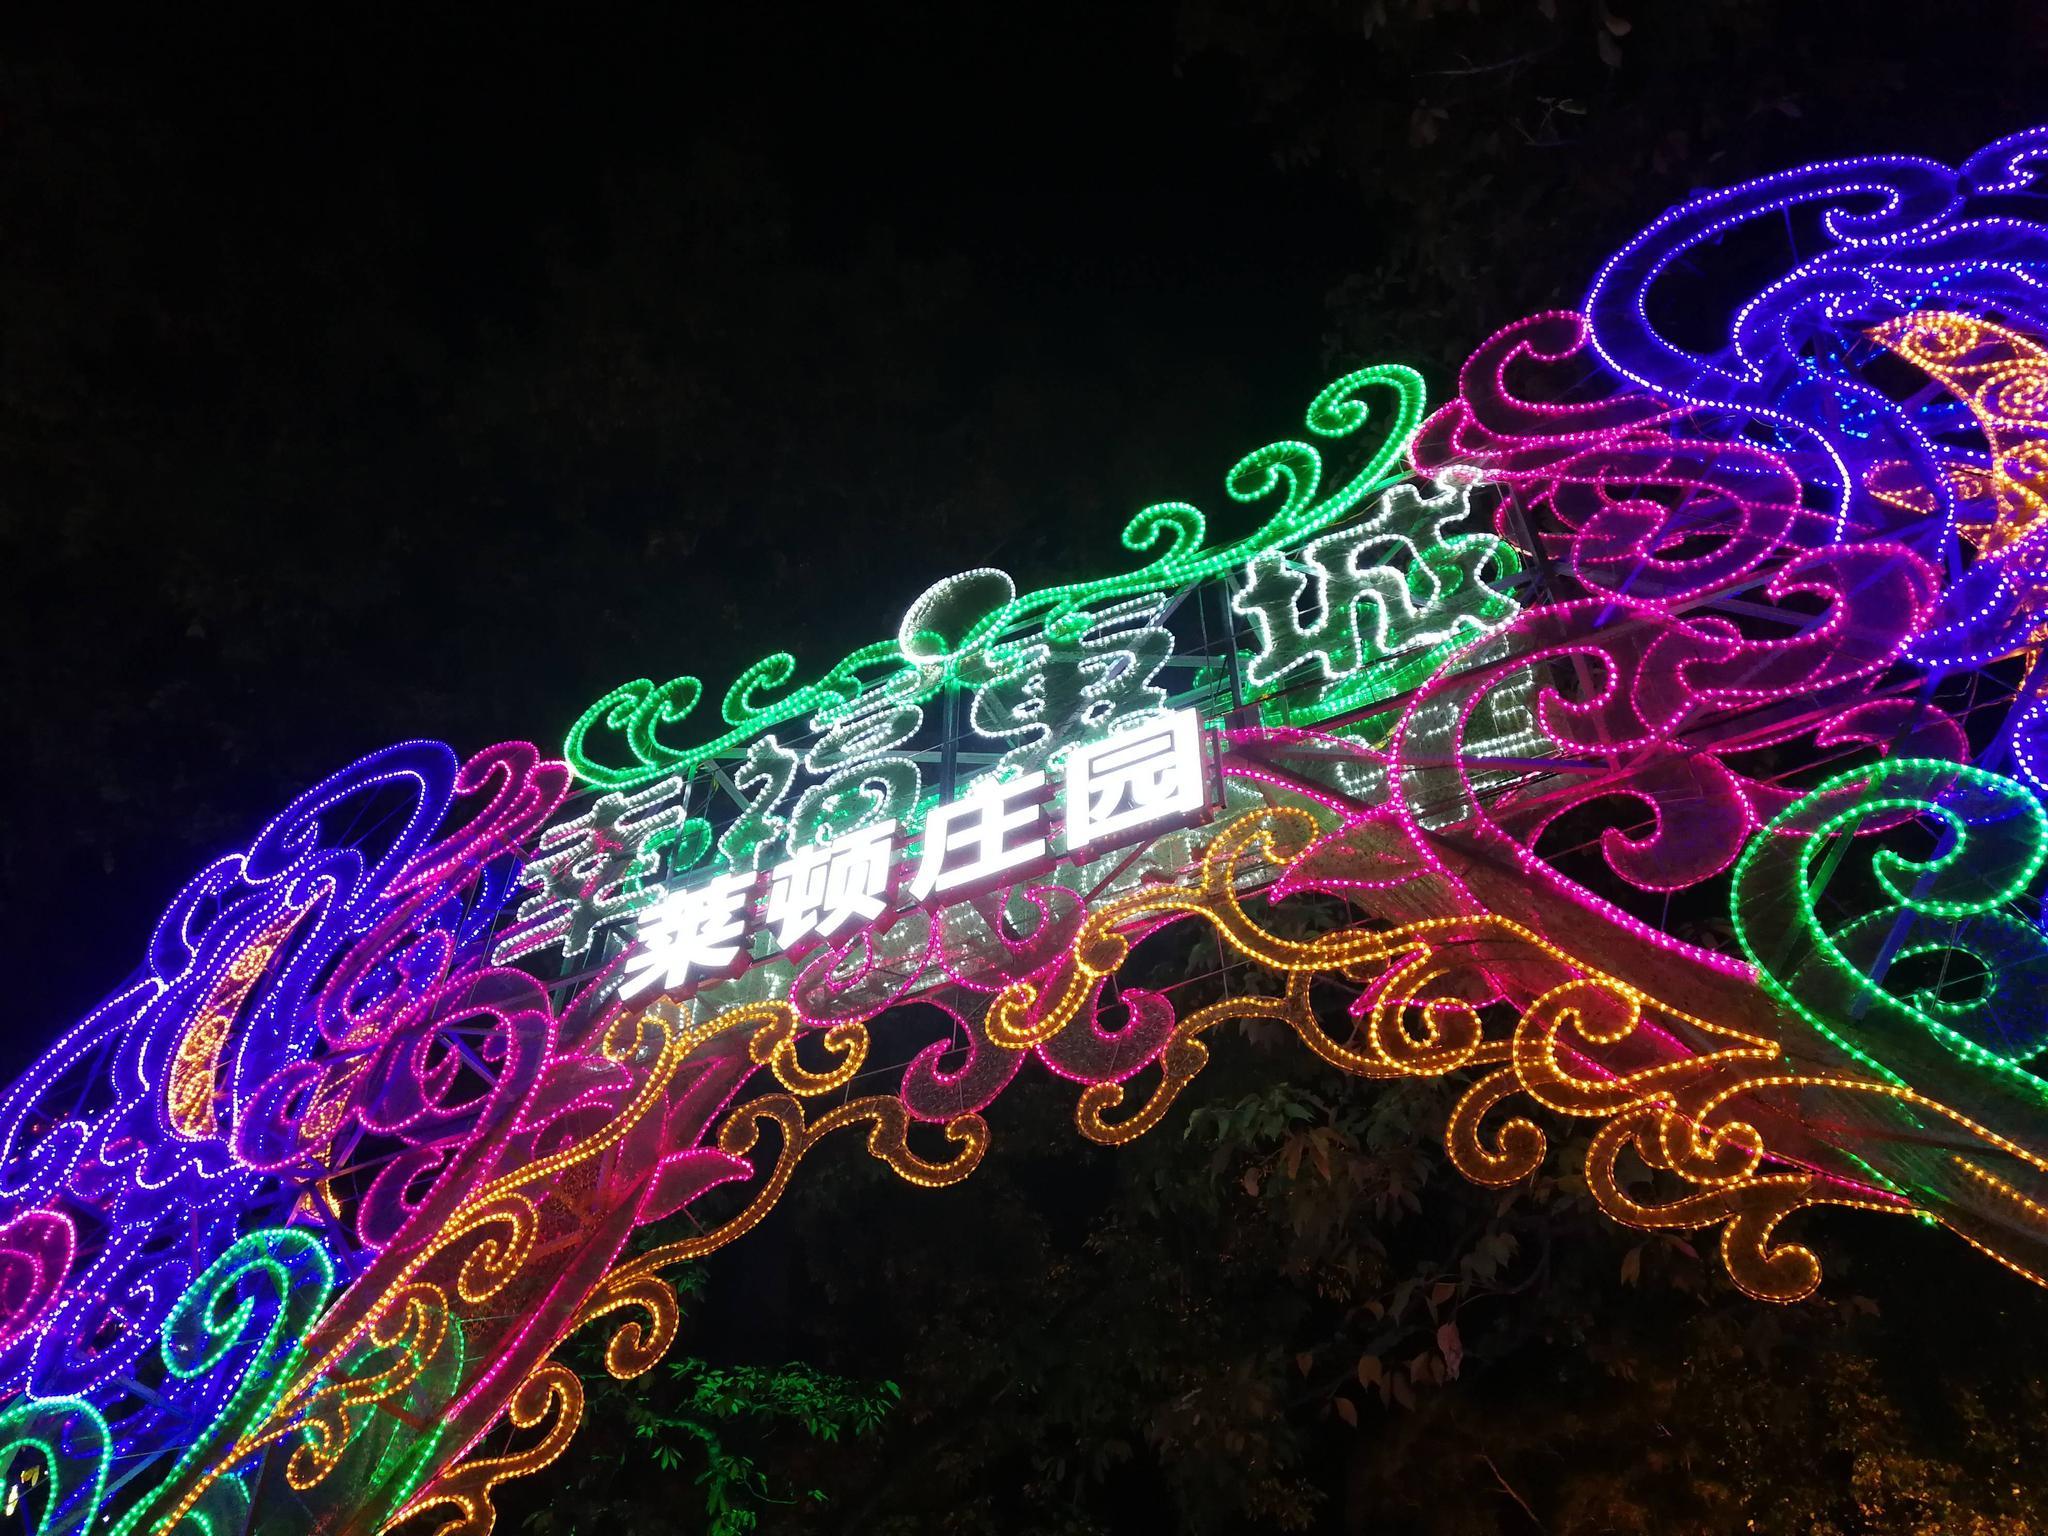 醉美的夜色,西湖花灯博览会璀璨来袭!图片